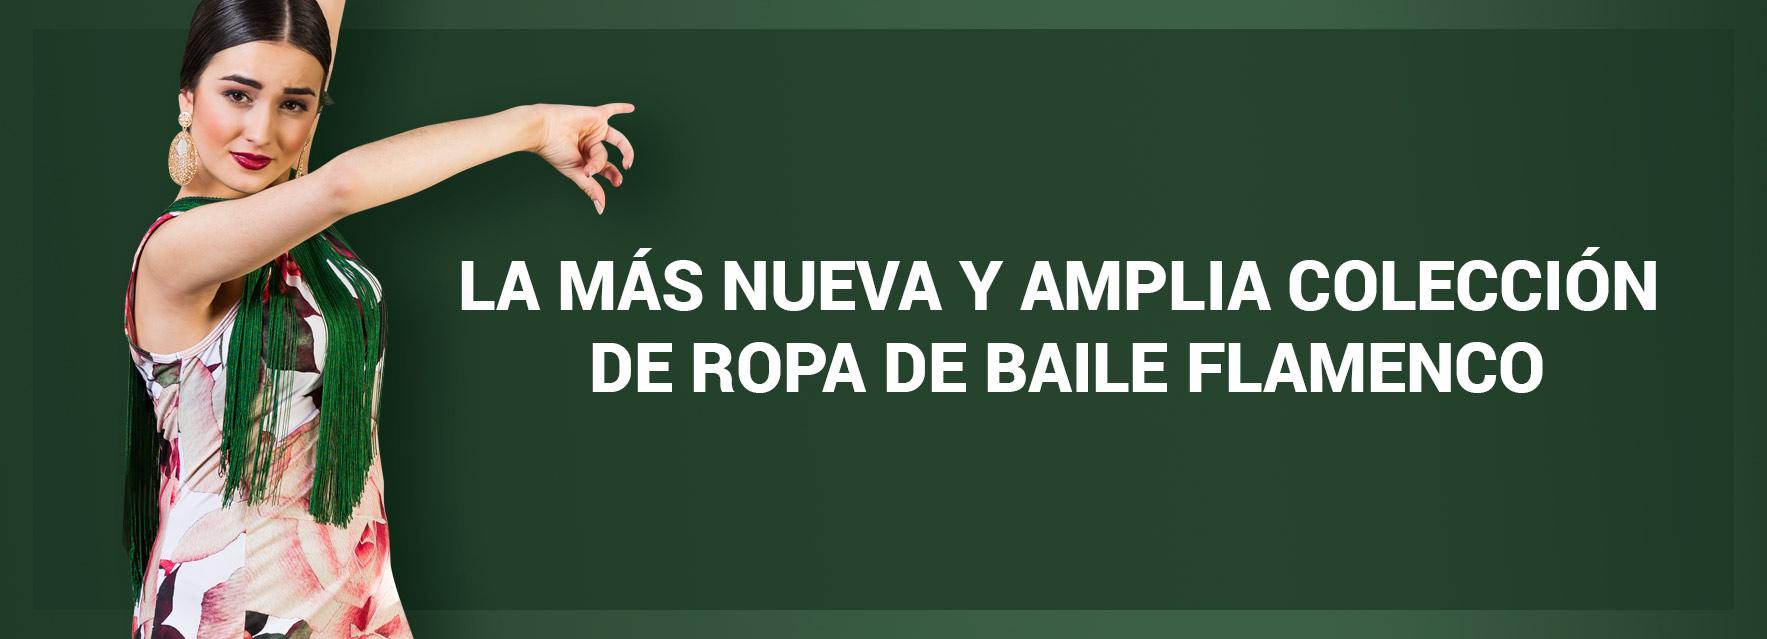 Ropa de Baile Flamenco